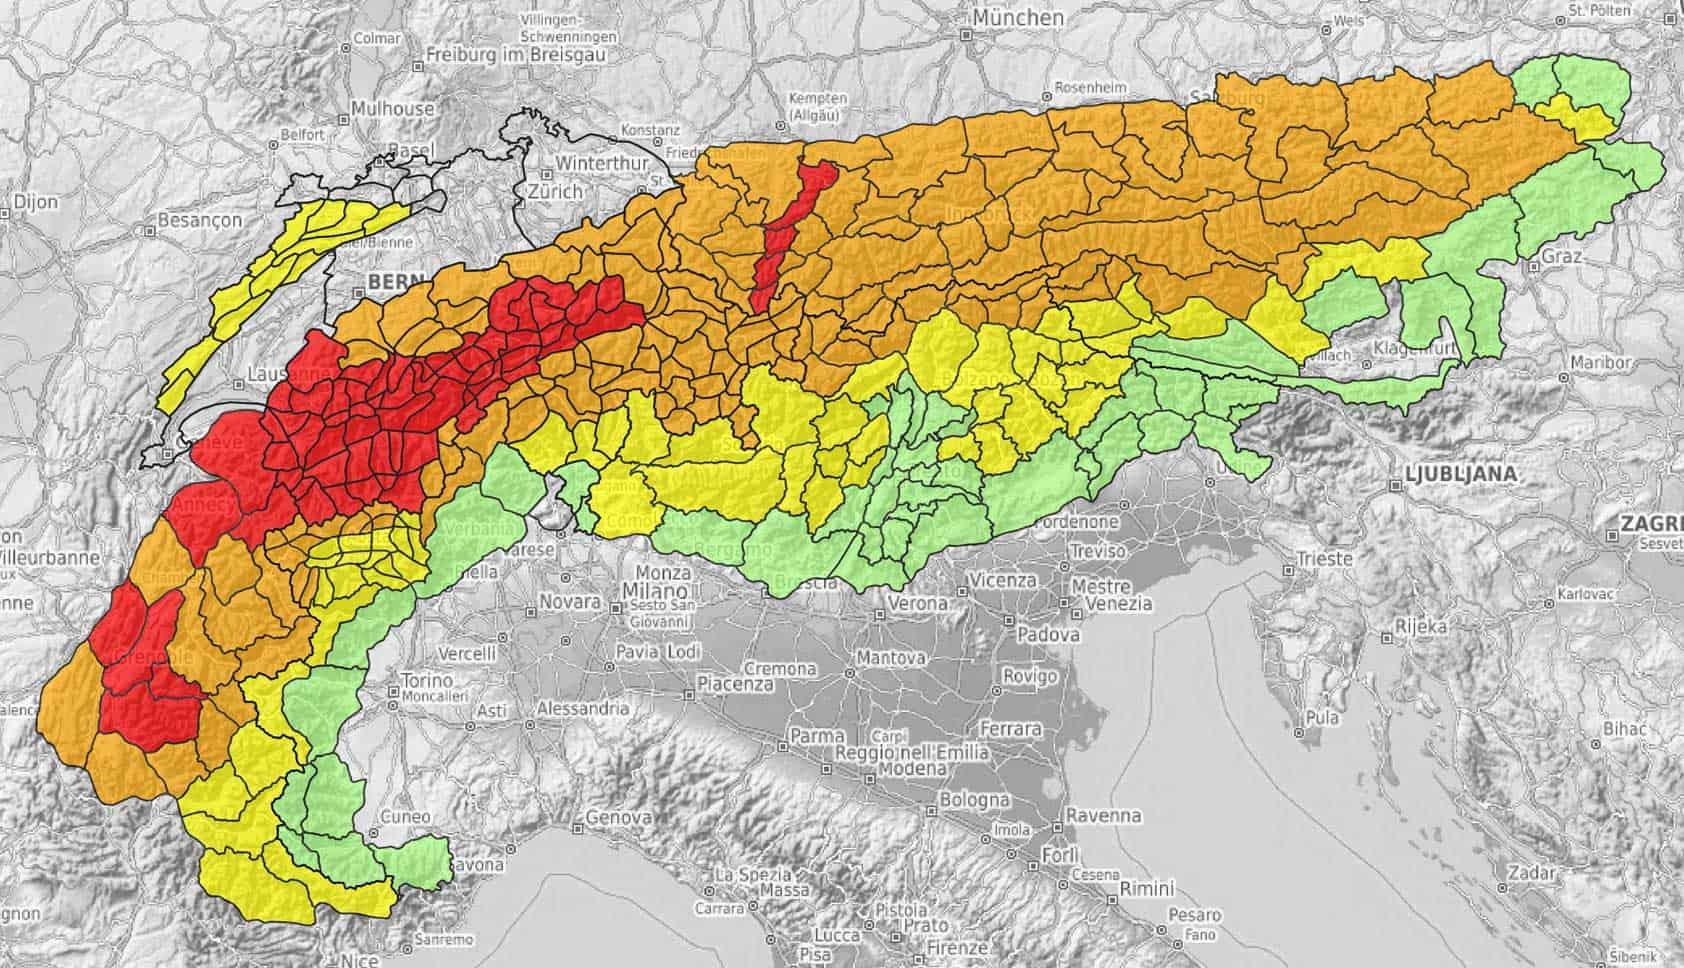 Initiative Für Eine Alpenweit Einheitliche Lawinen Prognose